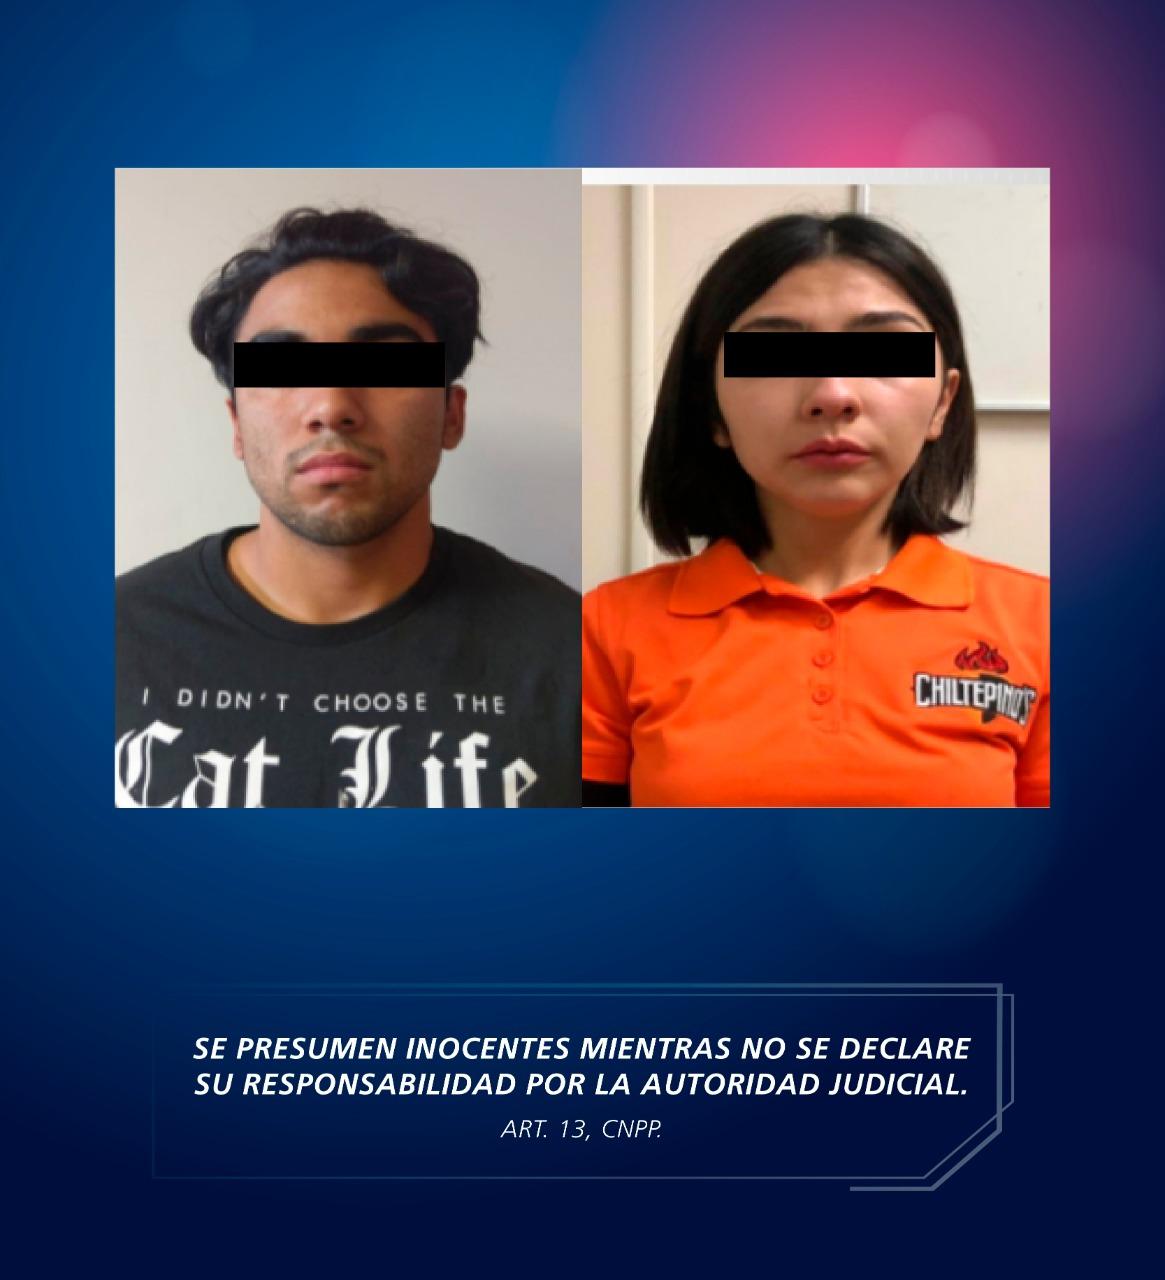 Capturan a sospechosos del feminicidio de Ely